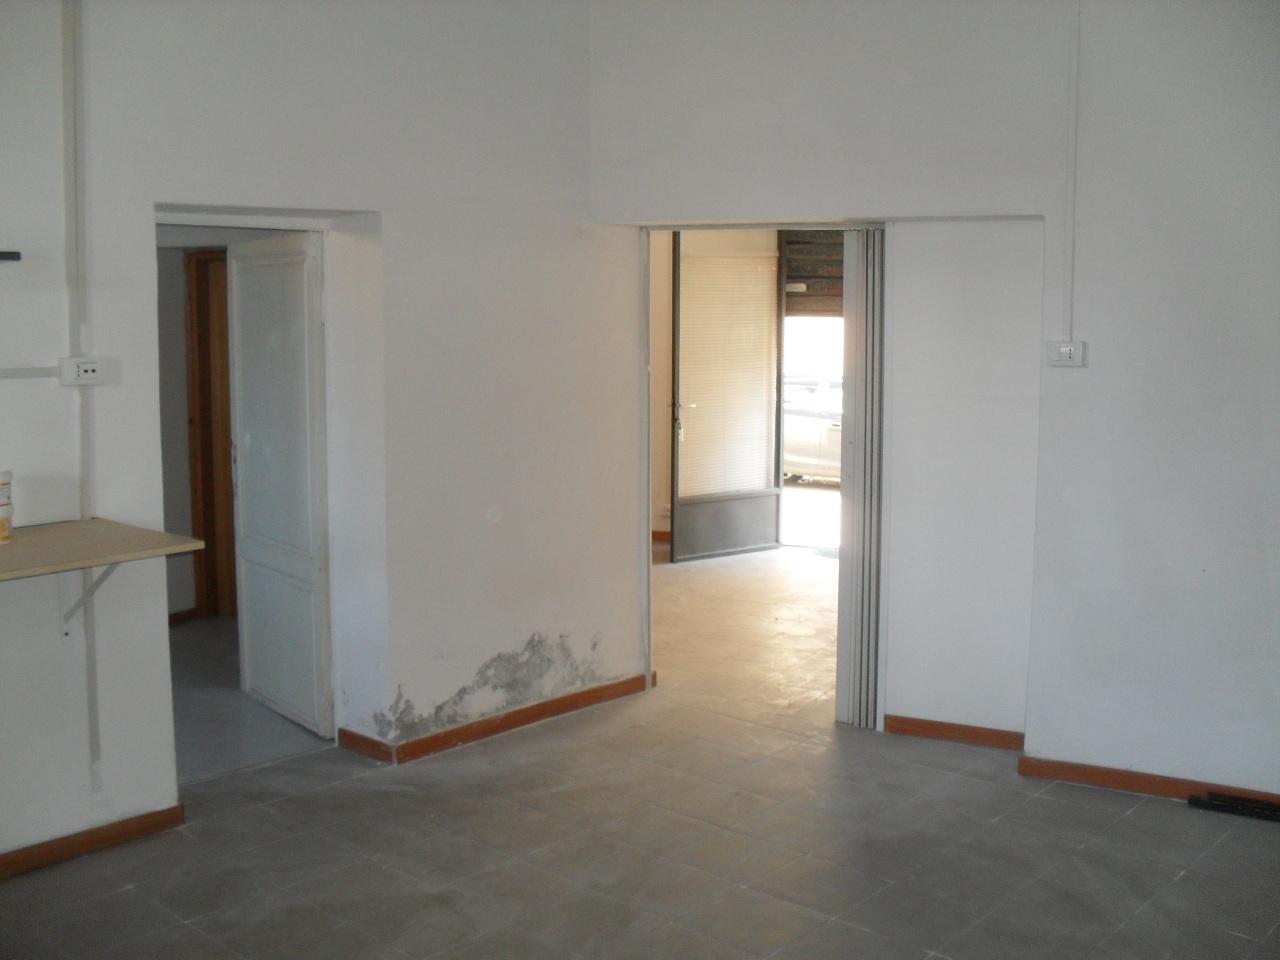 Ufficio / Studio in affitto a Pontedera, 3 locali, prezzo € 300 | Cambio Casa.it